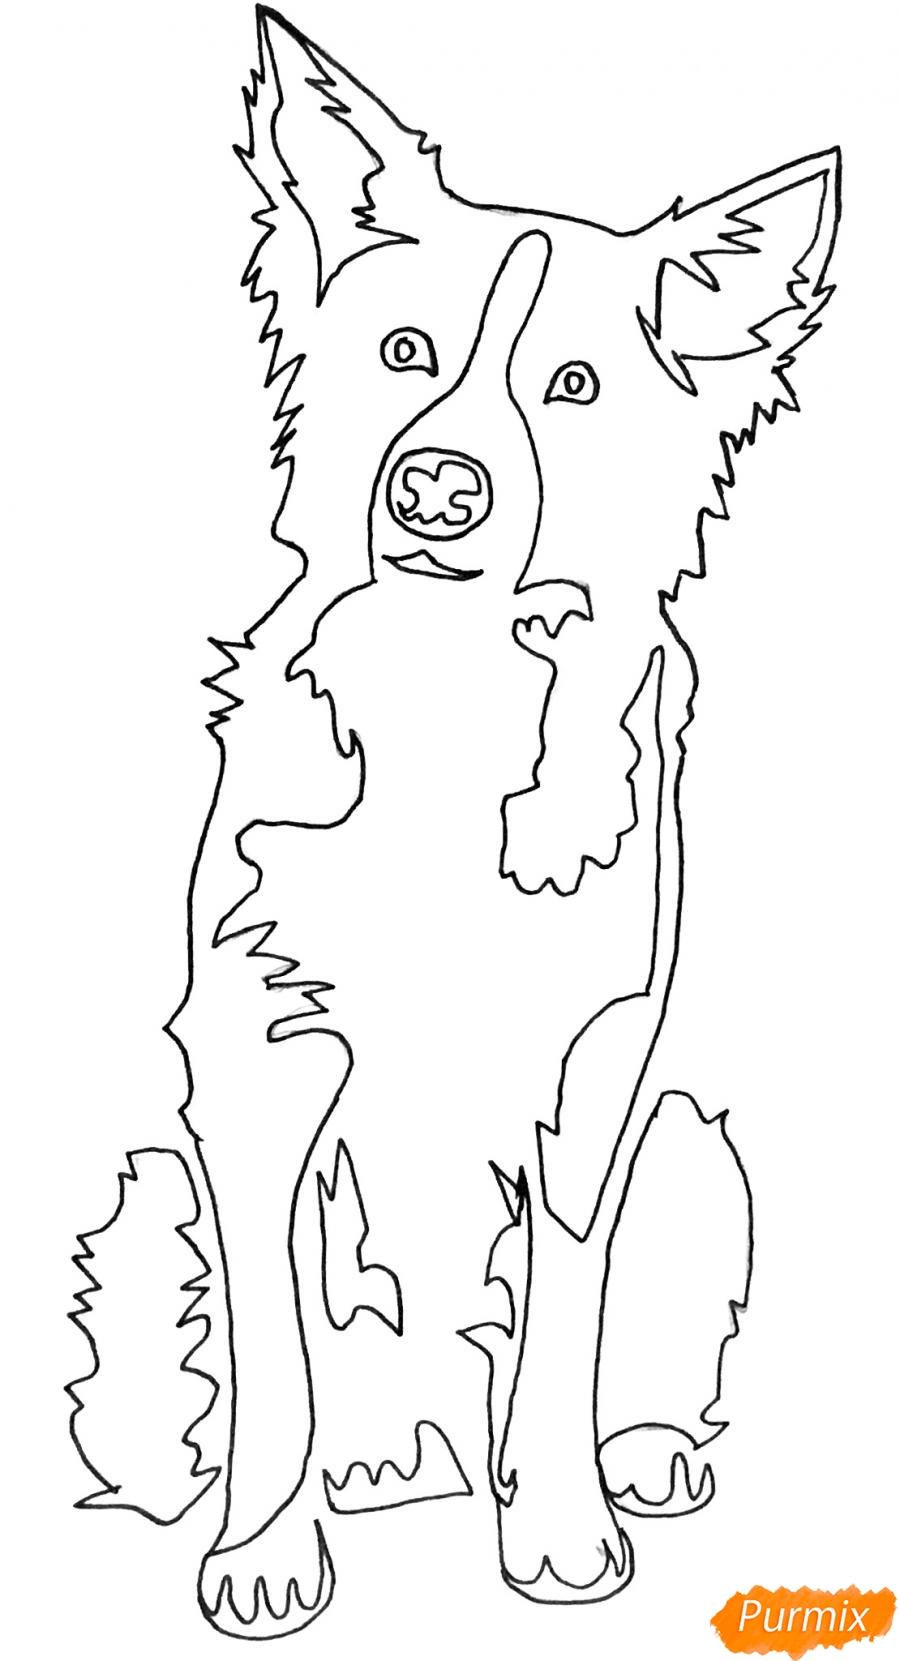 Рисуем тату собаку - фото 7